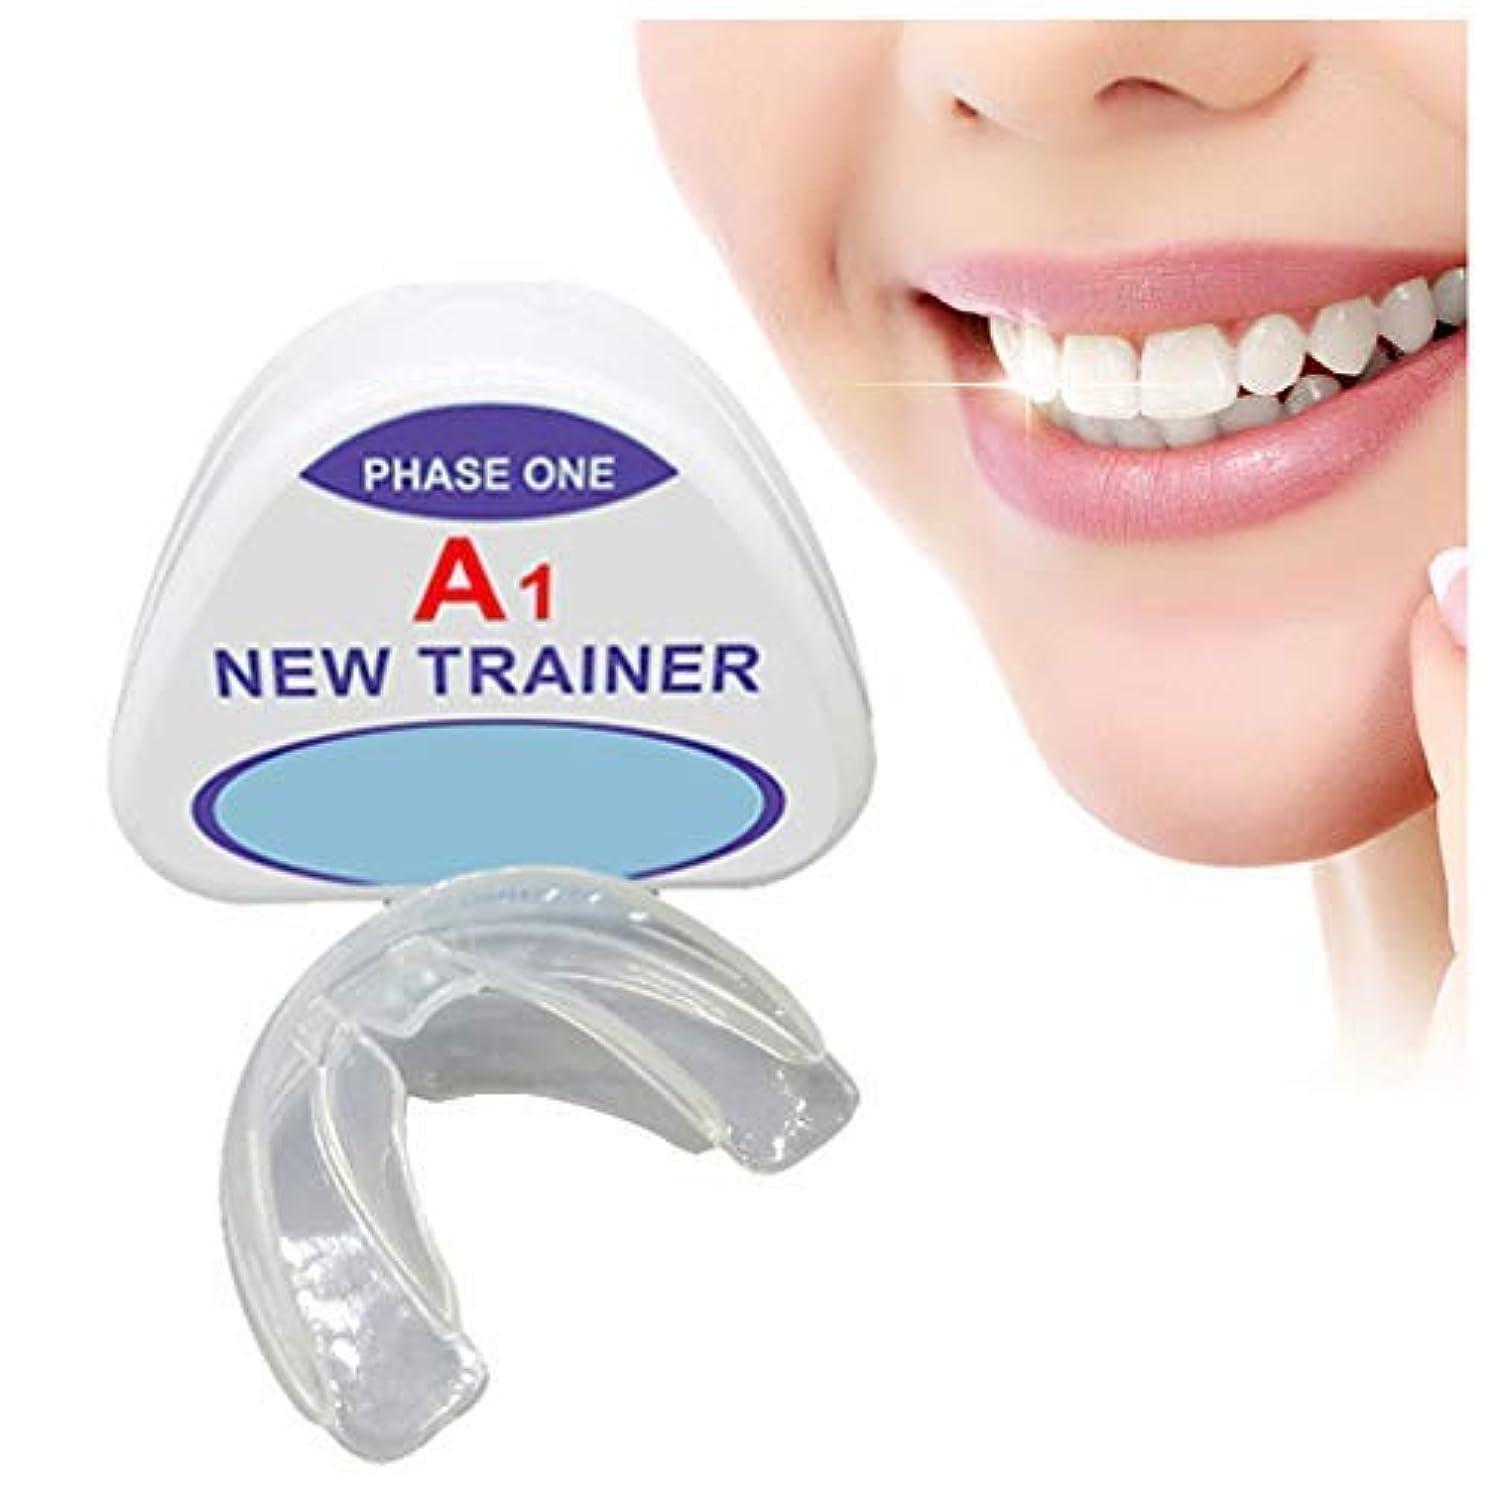 対応するコンベンションマンハッタン歯列矯正トレーナーリテーナー、歯科用マウスガード歯列矯正器具、歯用器具夜予防臼歯ブレース